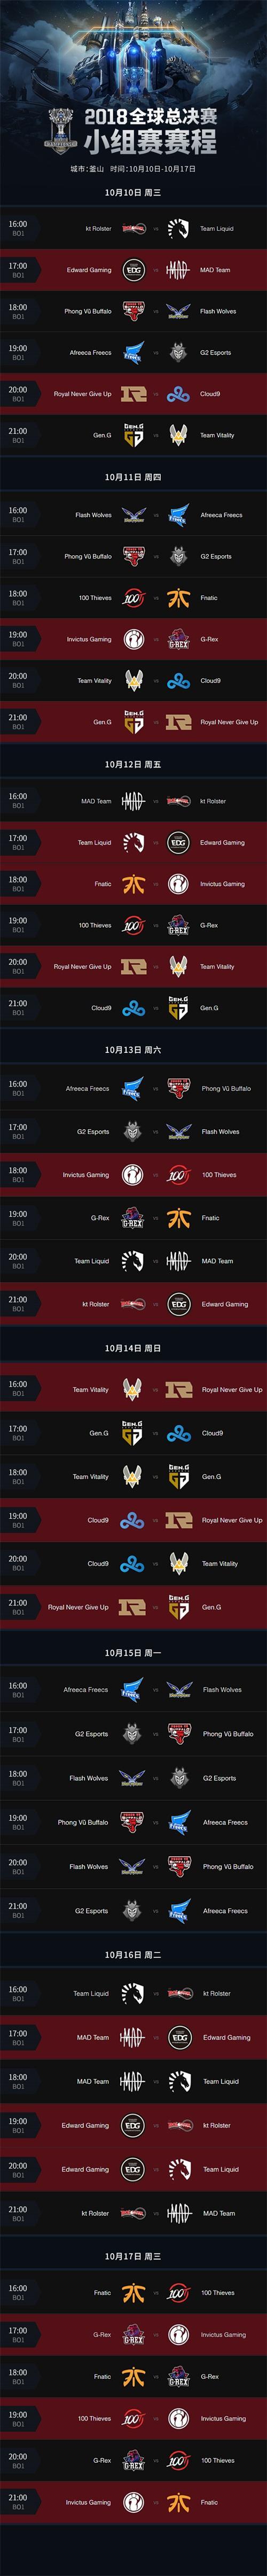 全球總決賽小組賽即將開戰 EDG、RNG首日上陣